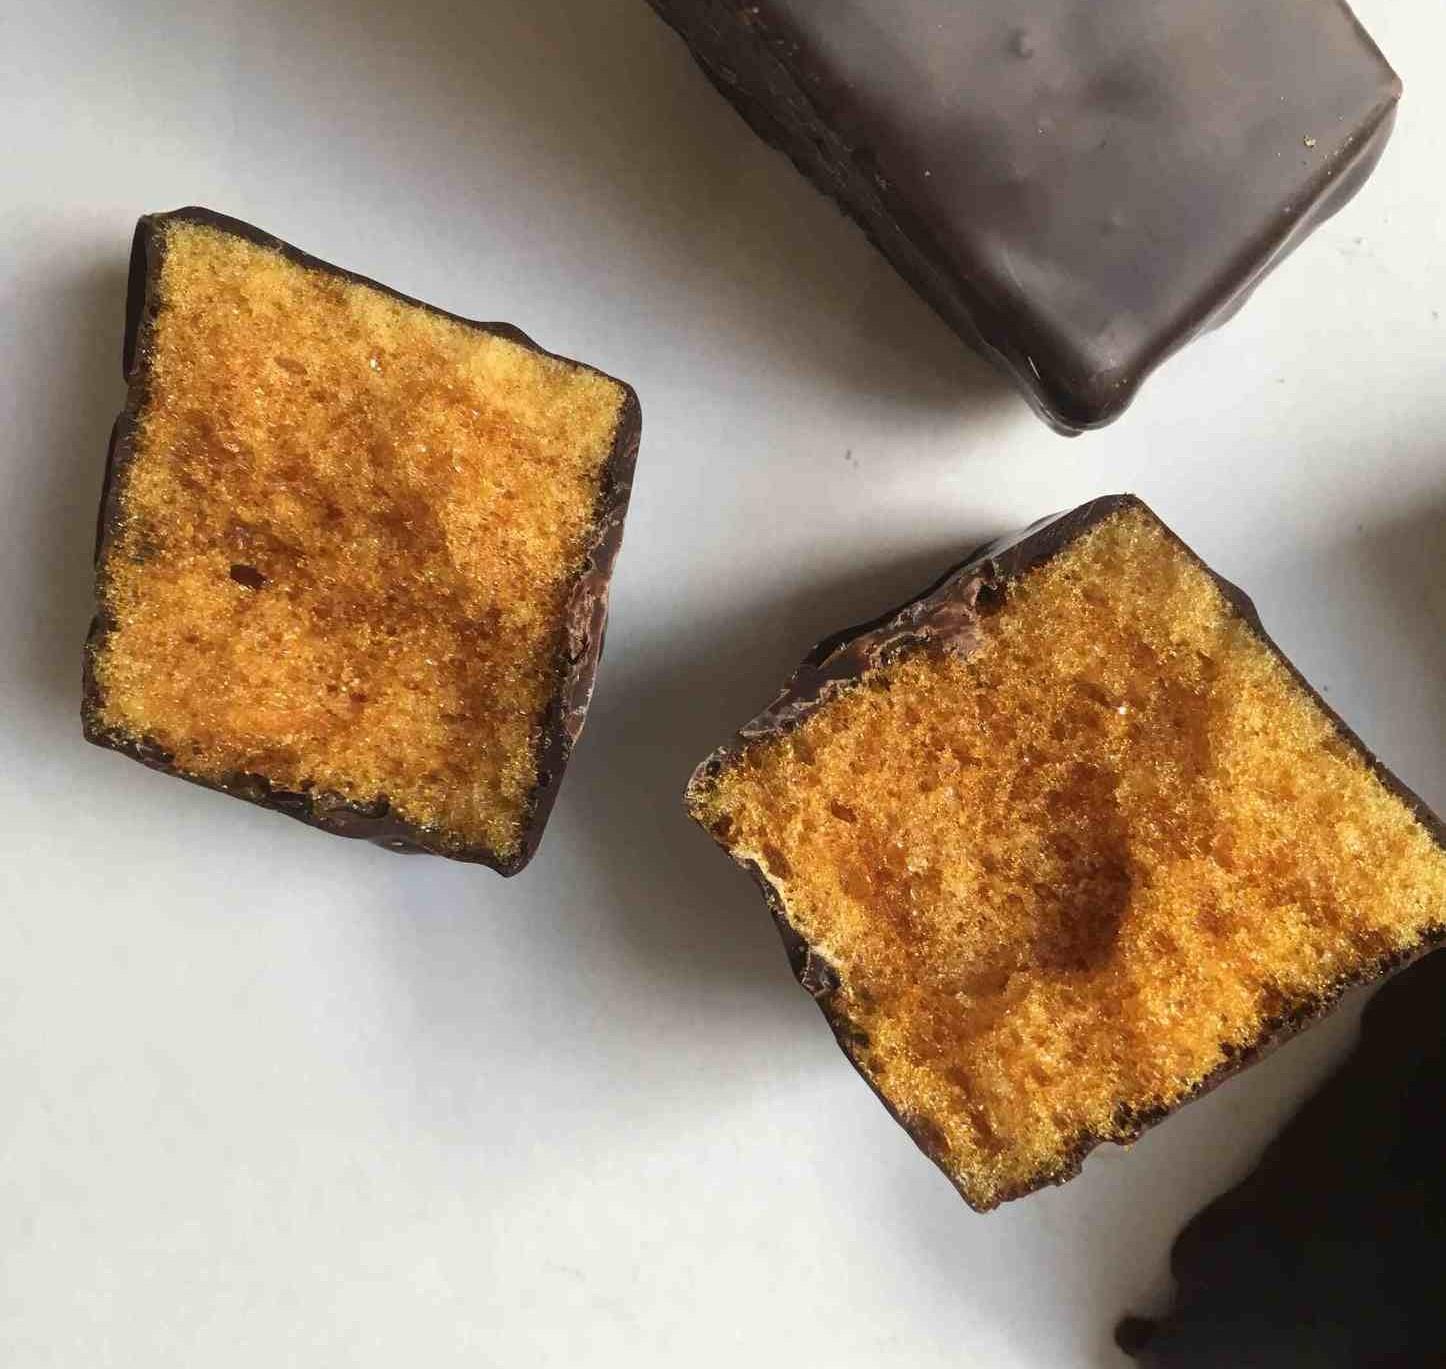 Sandy Flats Sugar Bush :Salted Maple Sponge Toffee - Delicious chunks of maple sponge toffee dipped in either dark or milk chocolate. Crunchy and sweet is an understatement, .Visit Sandy Flats Sugar Bushhttp://sandyflatsugarbush.com/